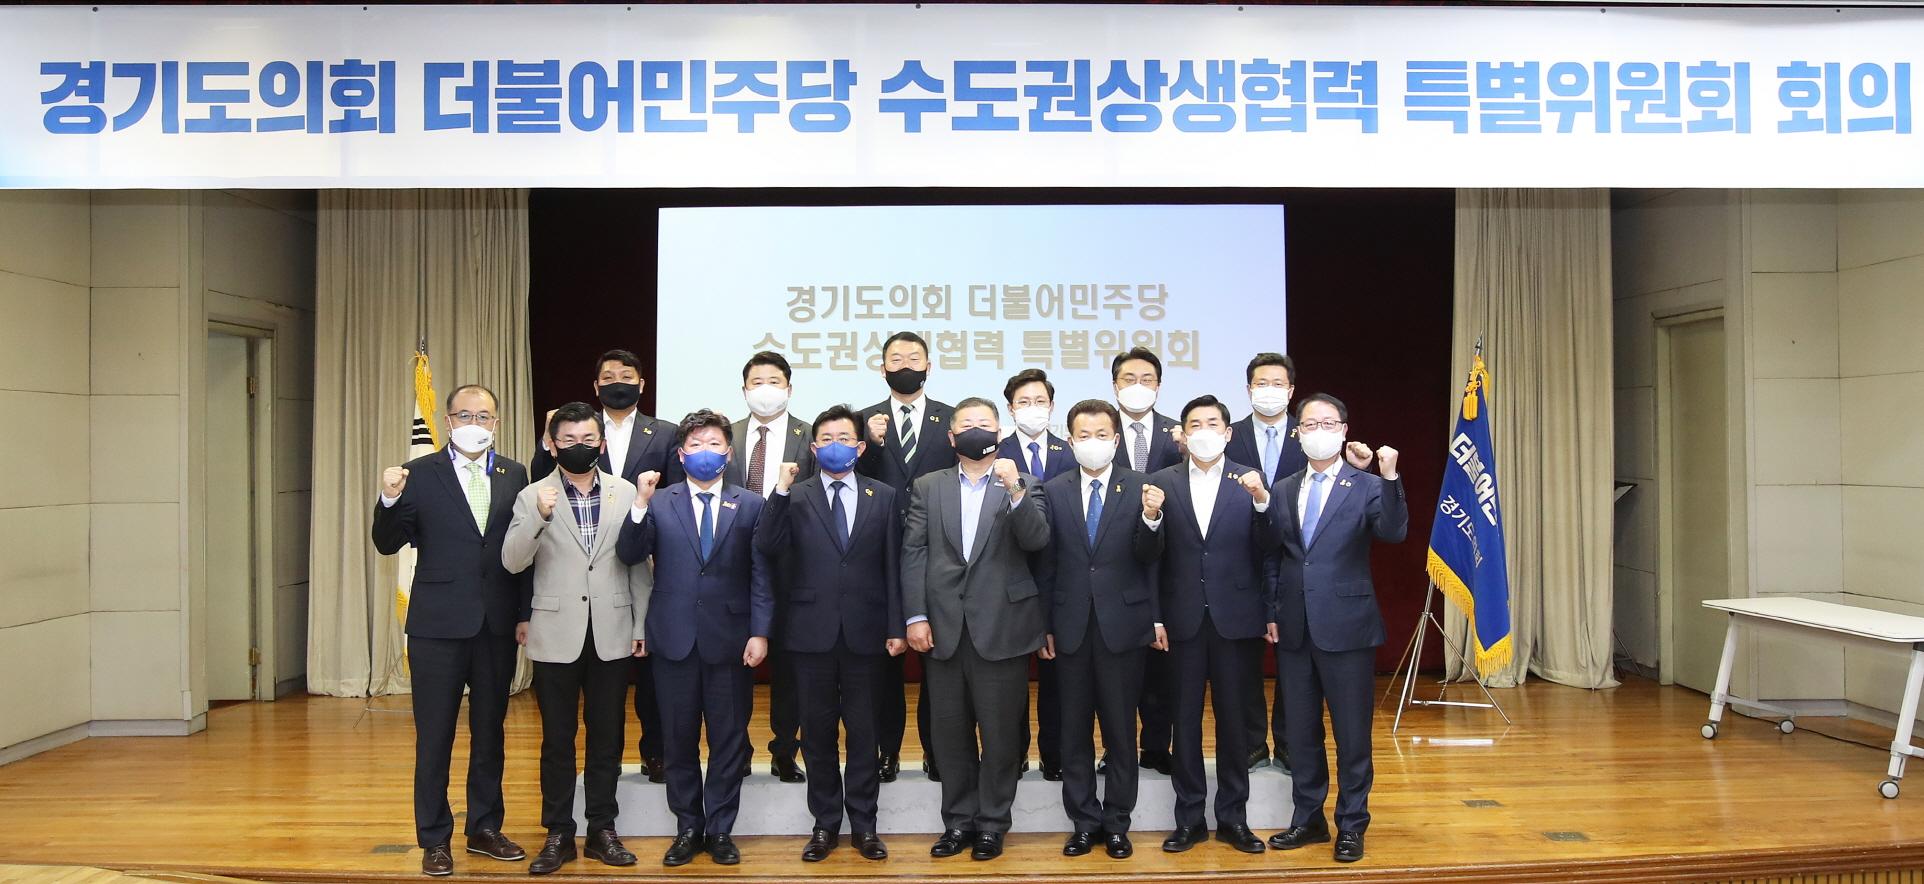 더불어민주당 수도권 상생협력 특별위원회 출범